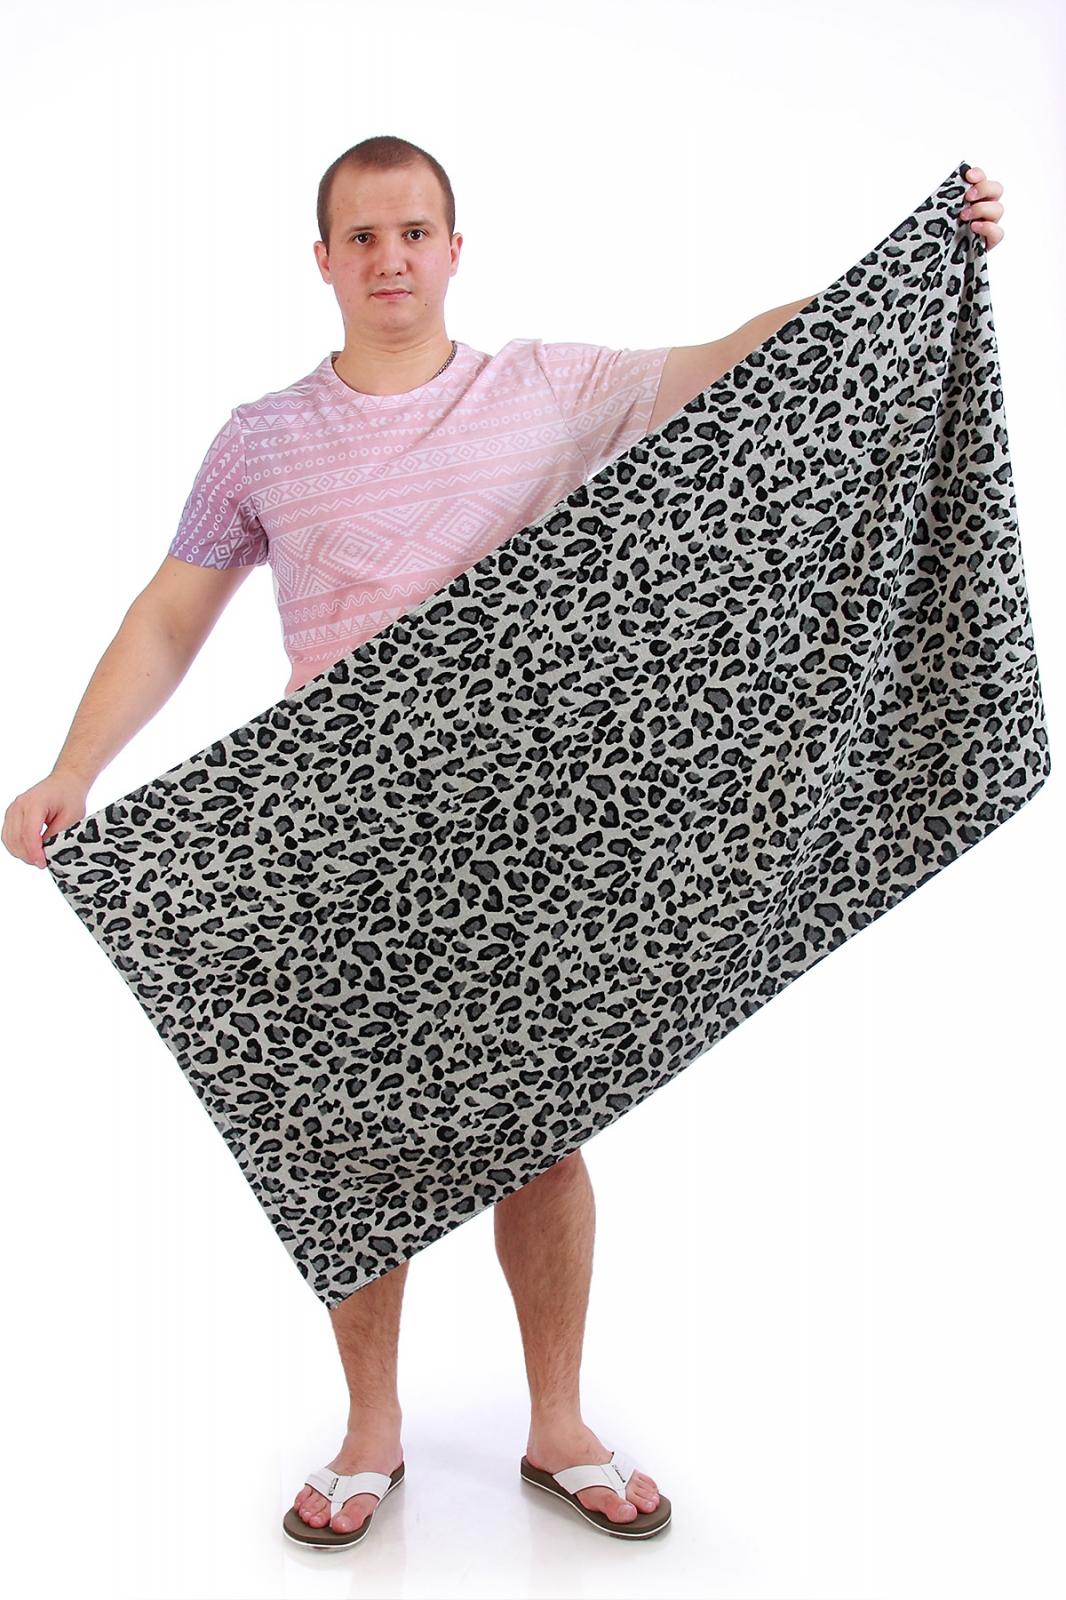 Леопардовое полотенце - купить онлайн в интернет-магазине